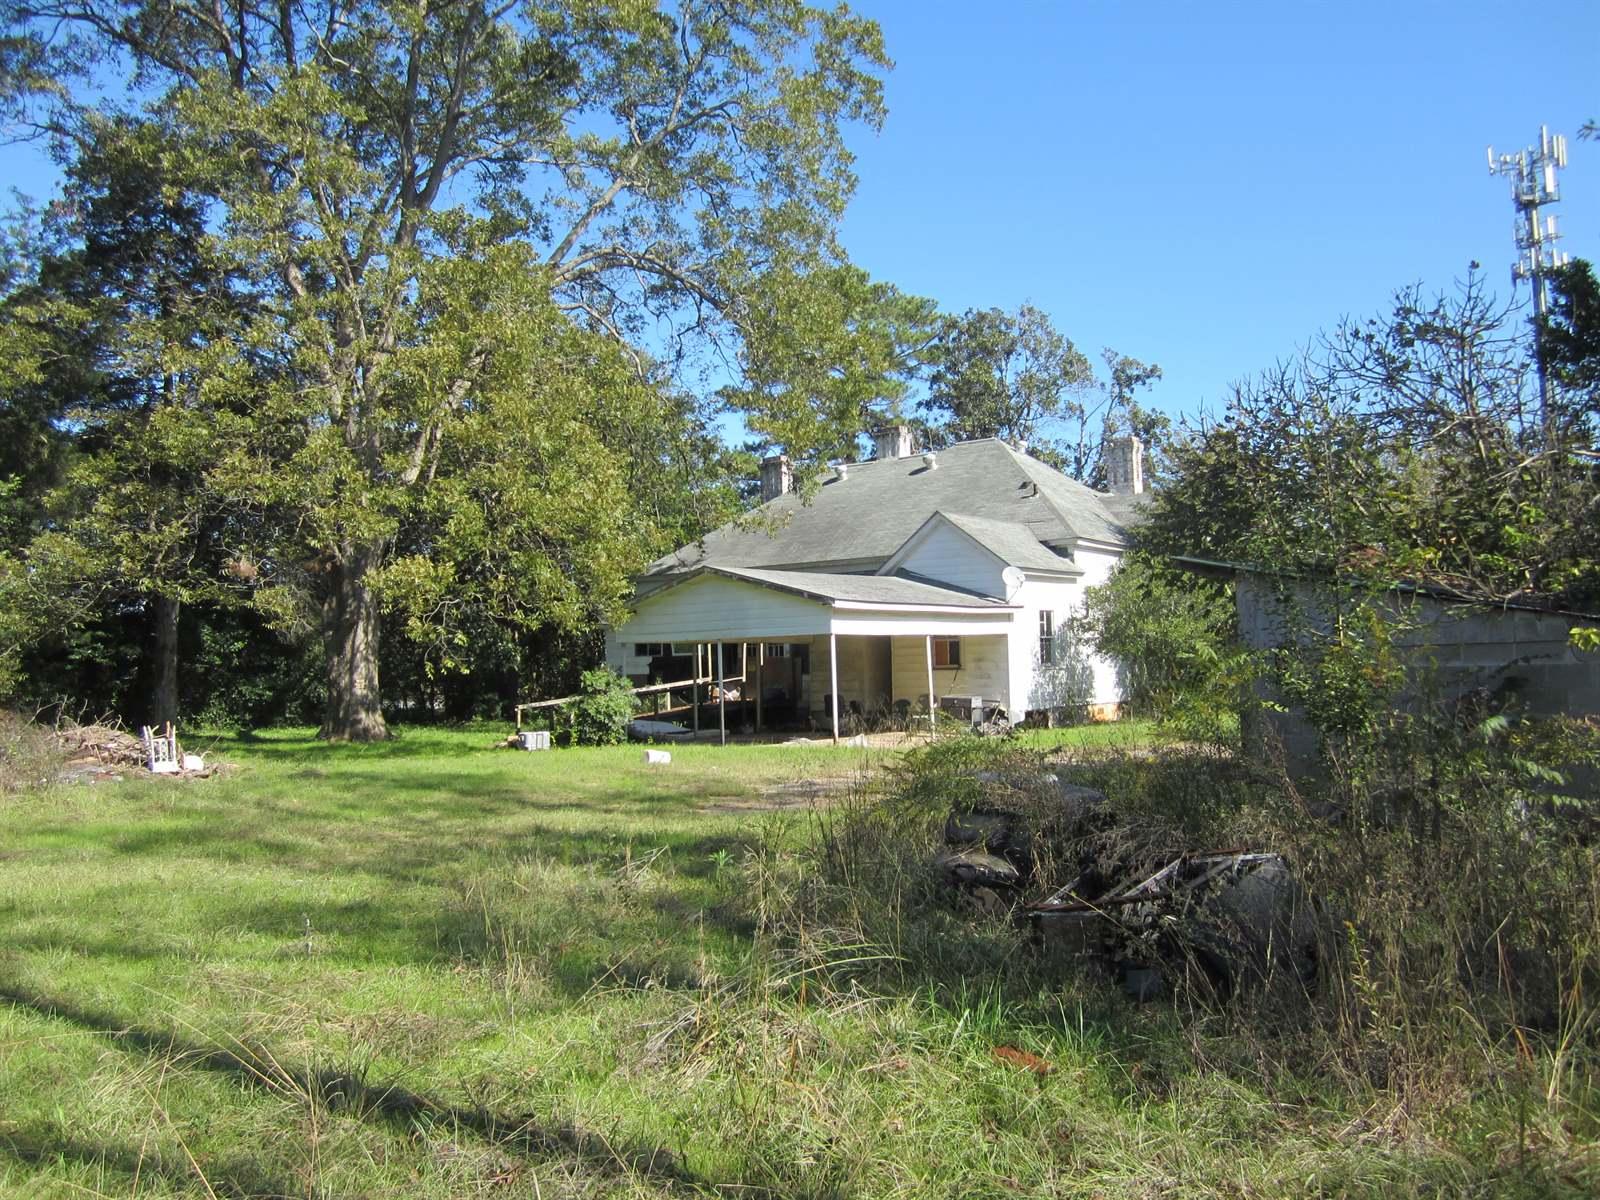 1125 N. Houston Lake Road, Warner Robins, GA 31093